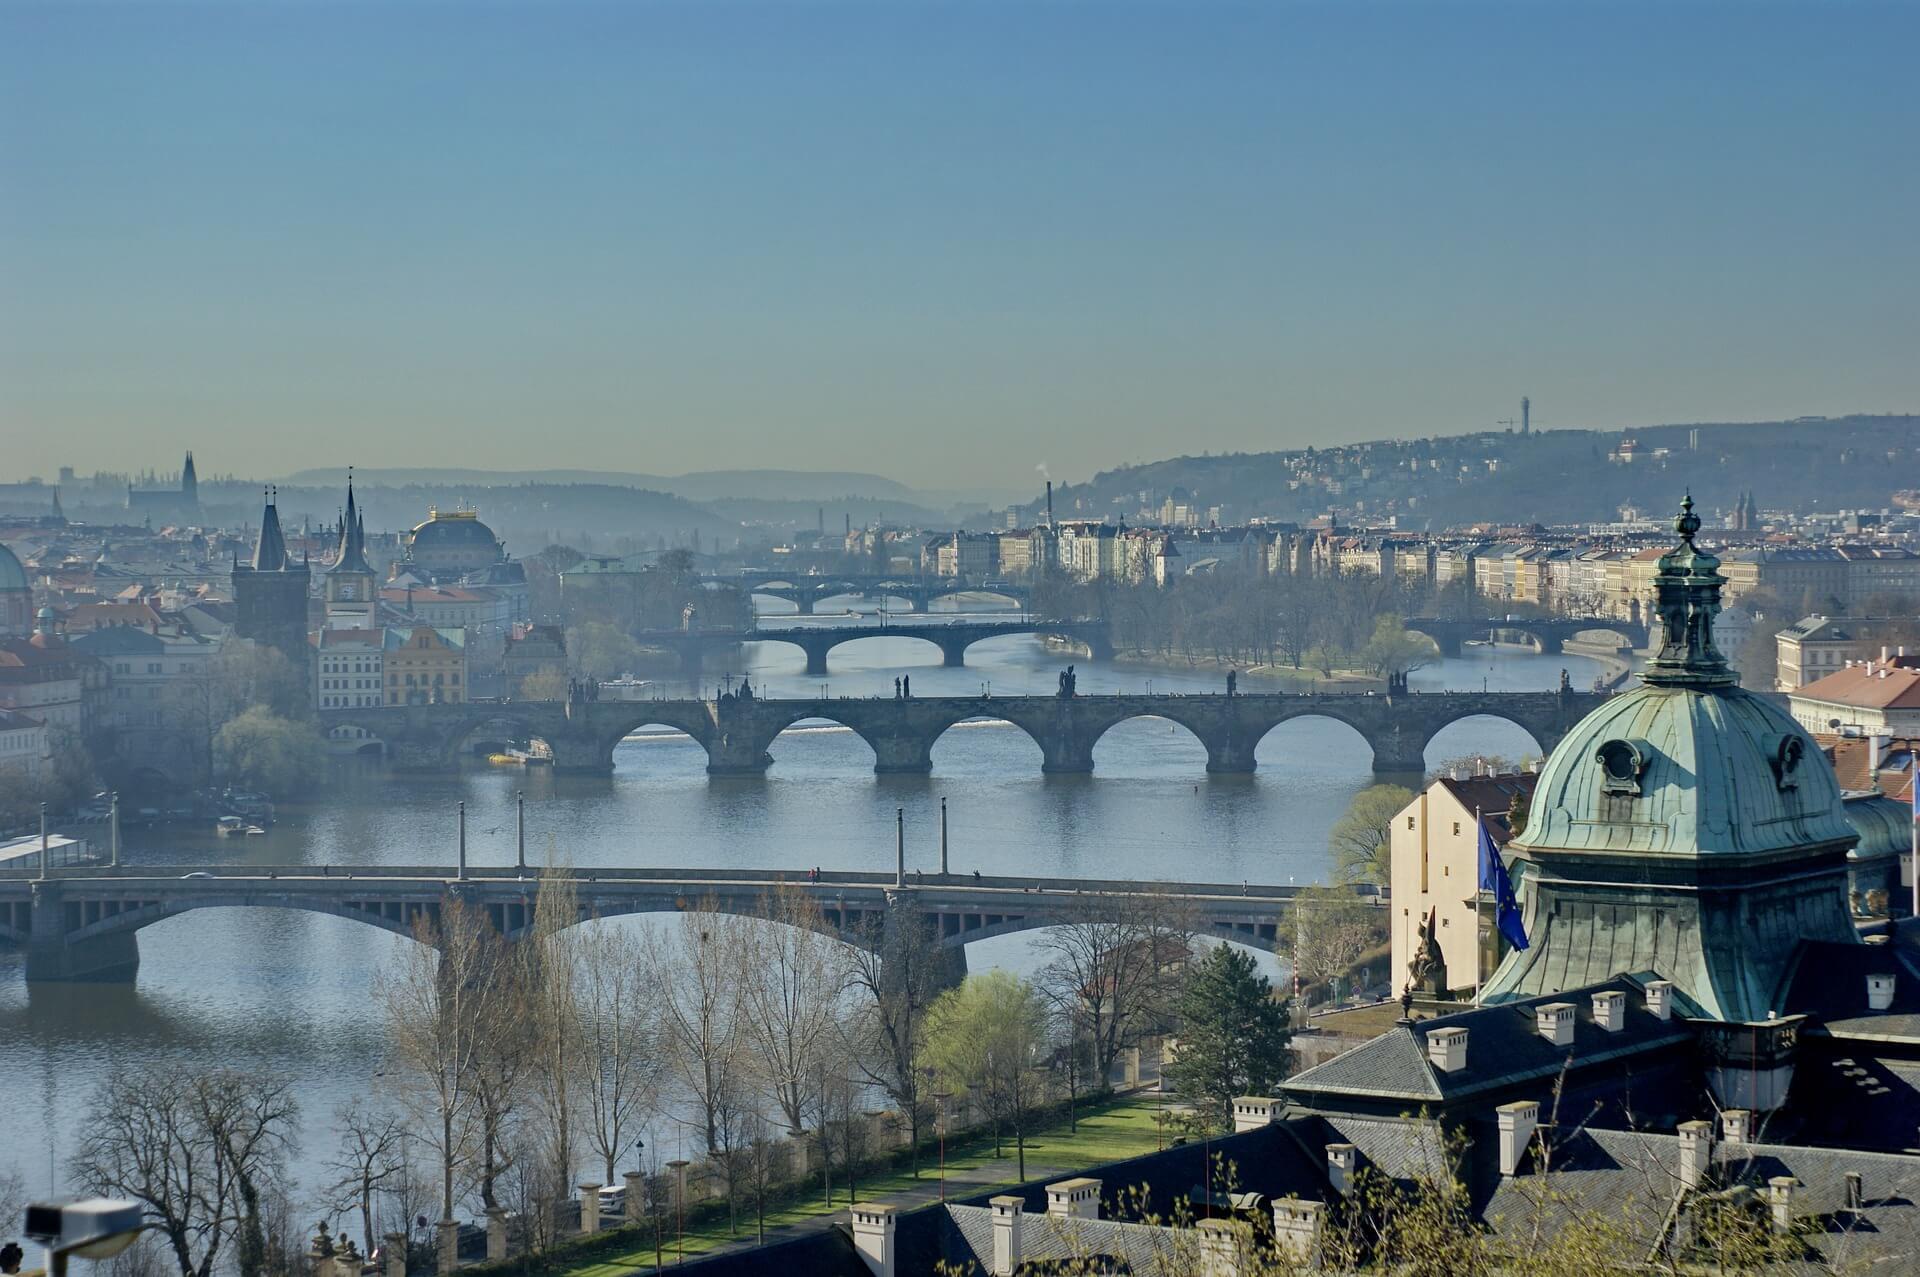 Direktflüge und Billigflüge nach Tschechien